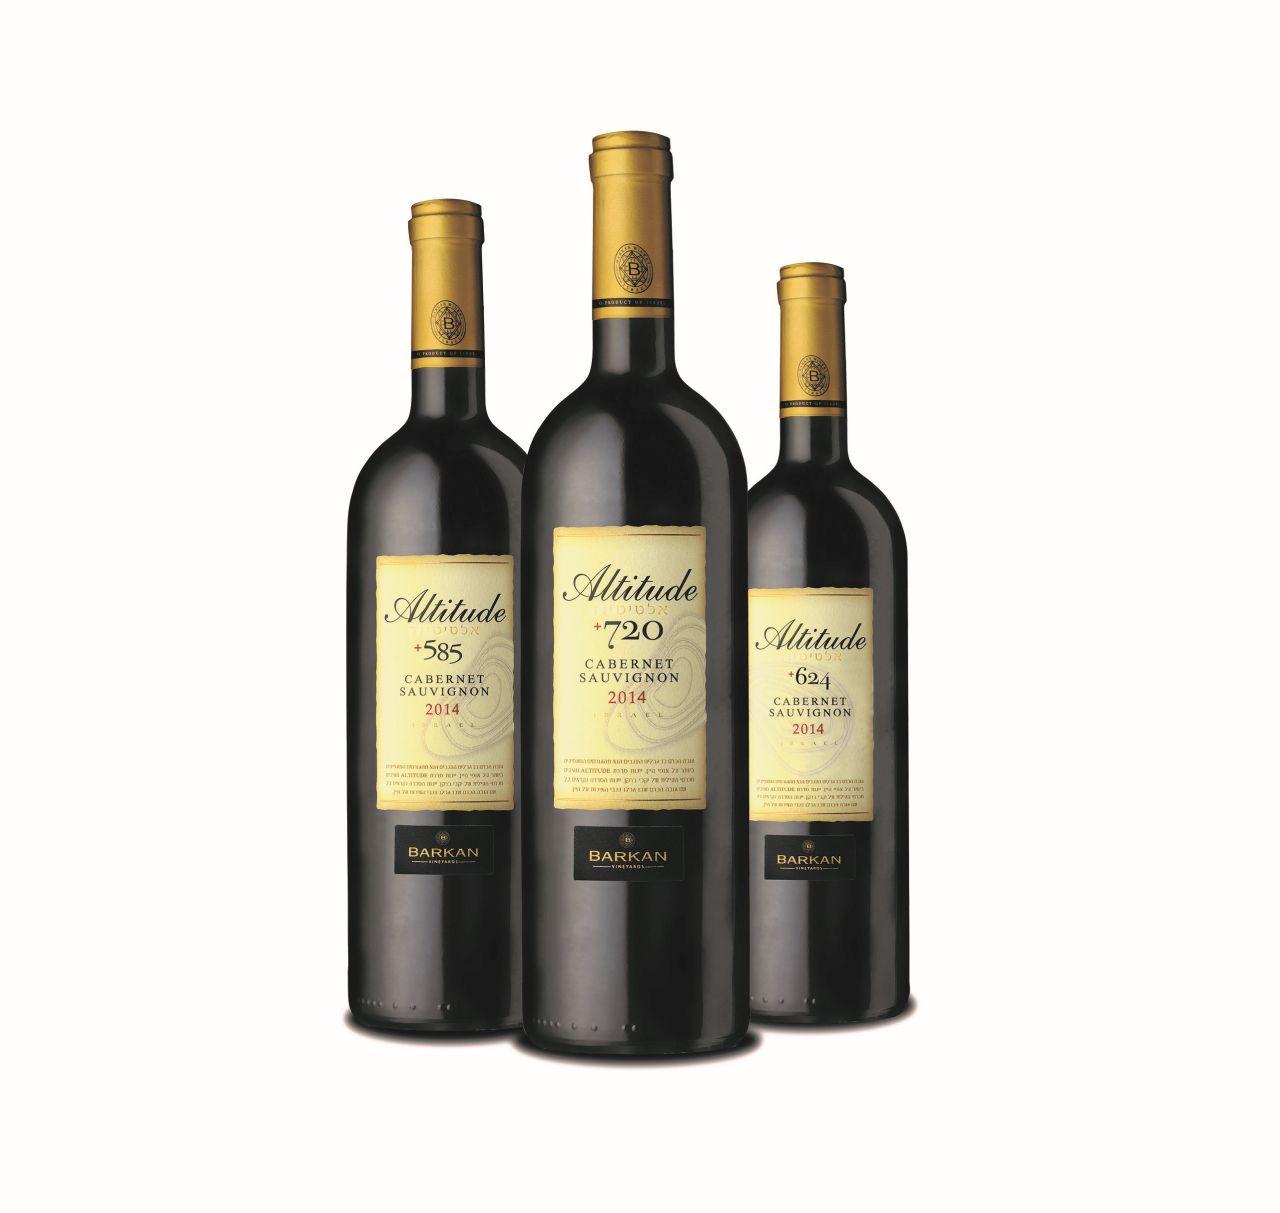 יקב ברקן יין סדרת אטיטיוד